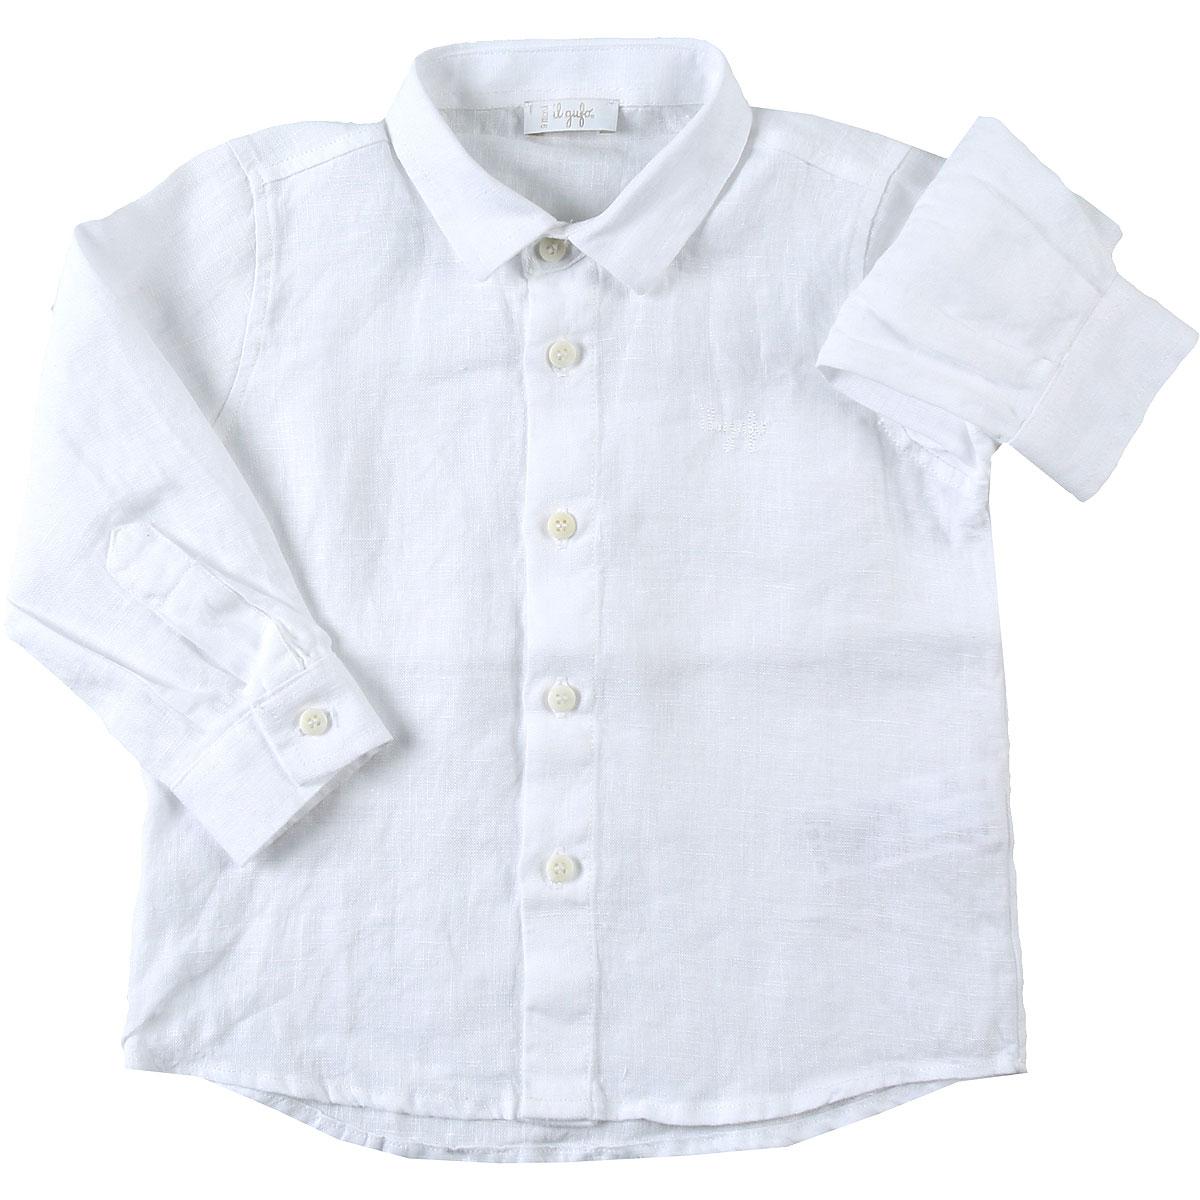 Il Gufo Chemises Bébé pour Garçon, Blanc, Lin, 2017, 12M 18M 9M